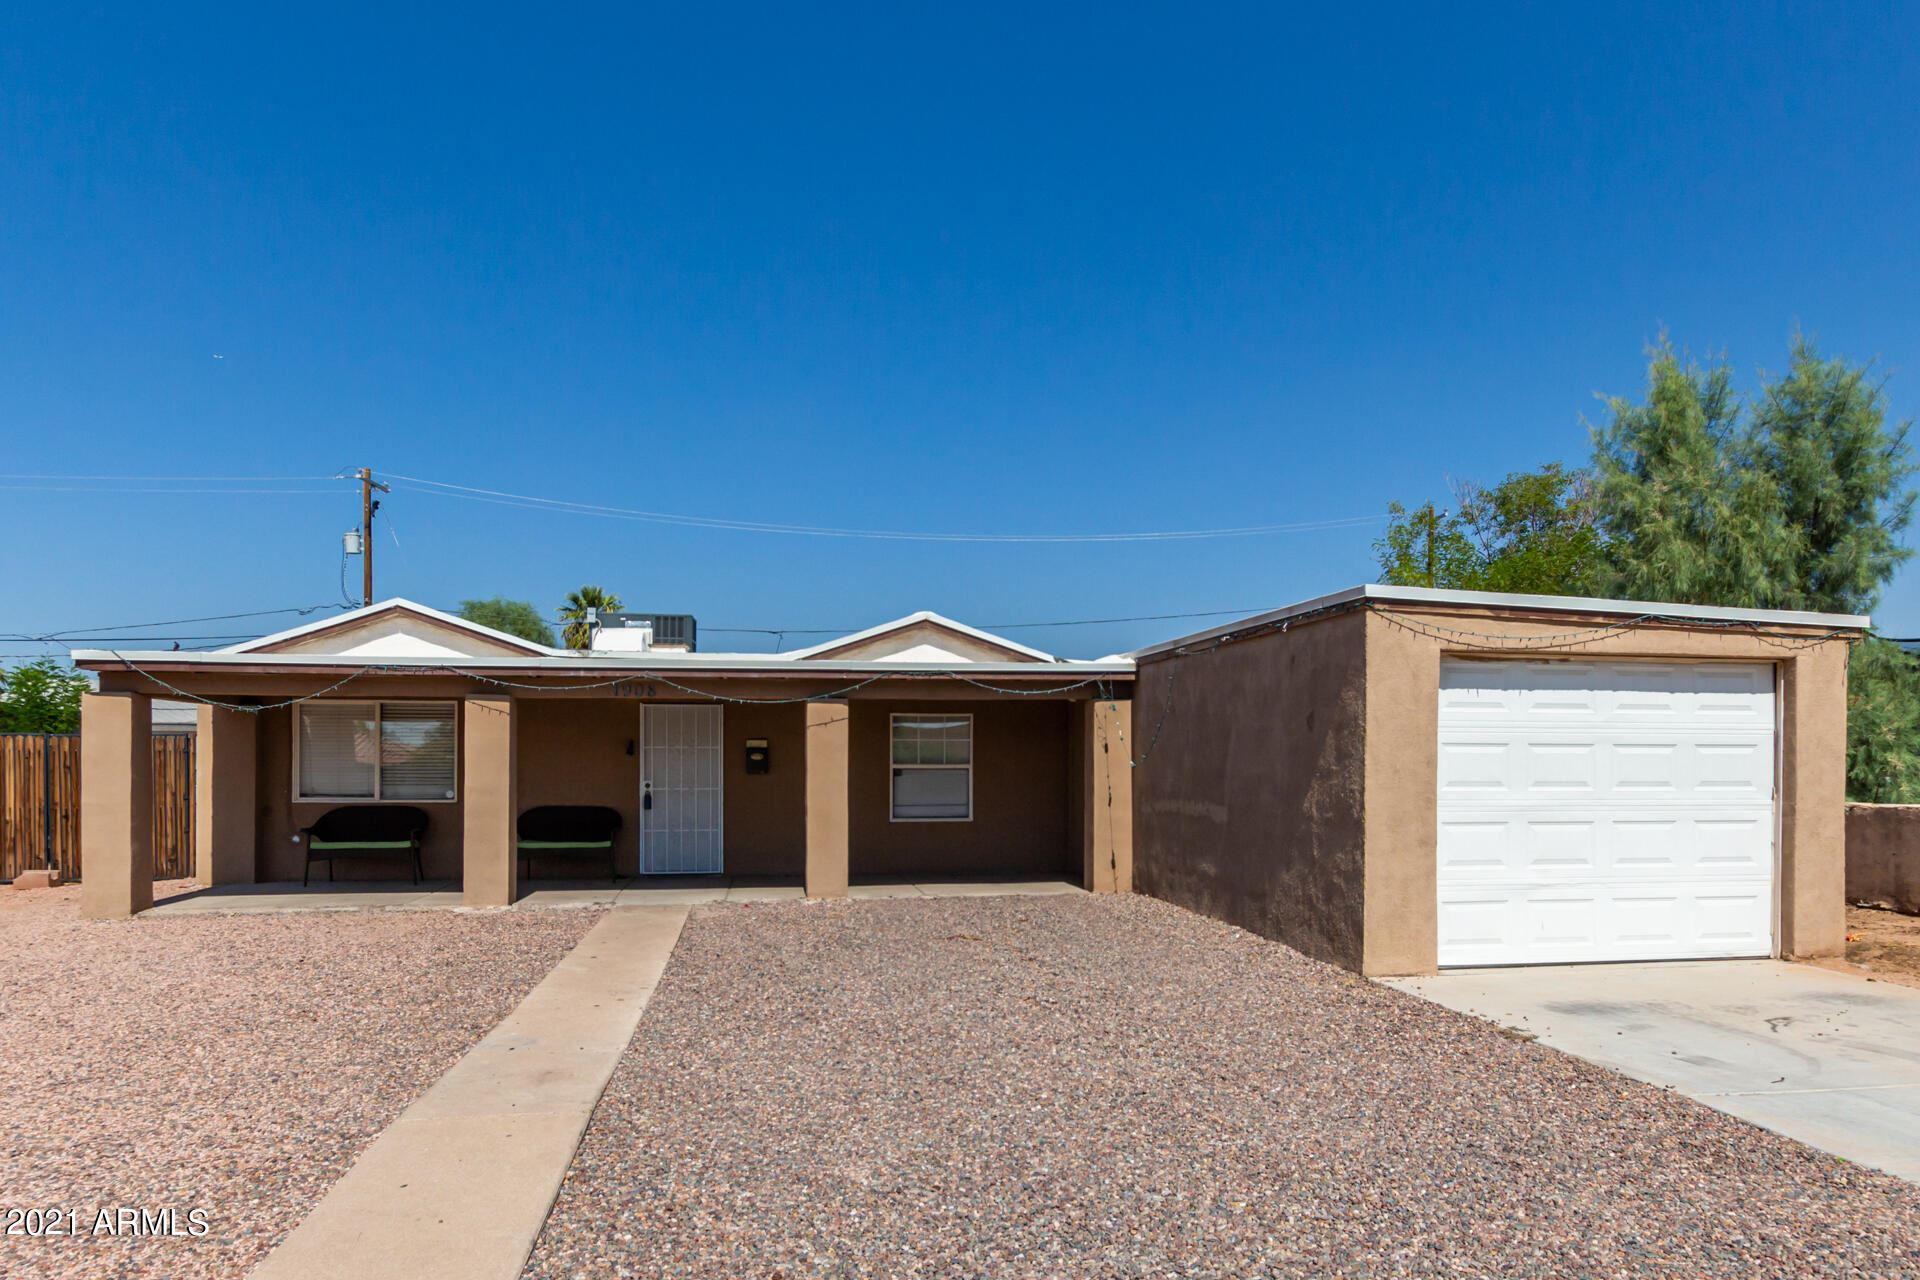 1908 E PALM Lane, Phoenix, AZ 85006 - MLS#: 6298210